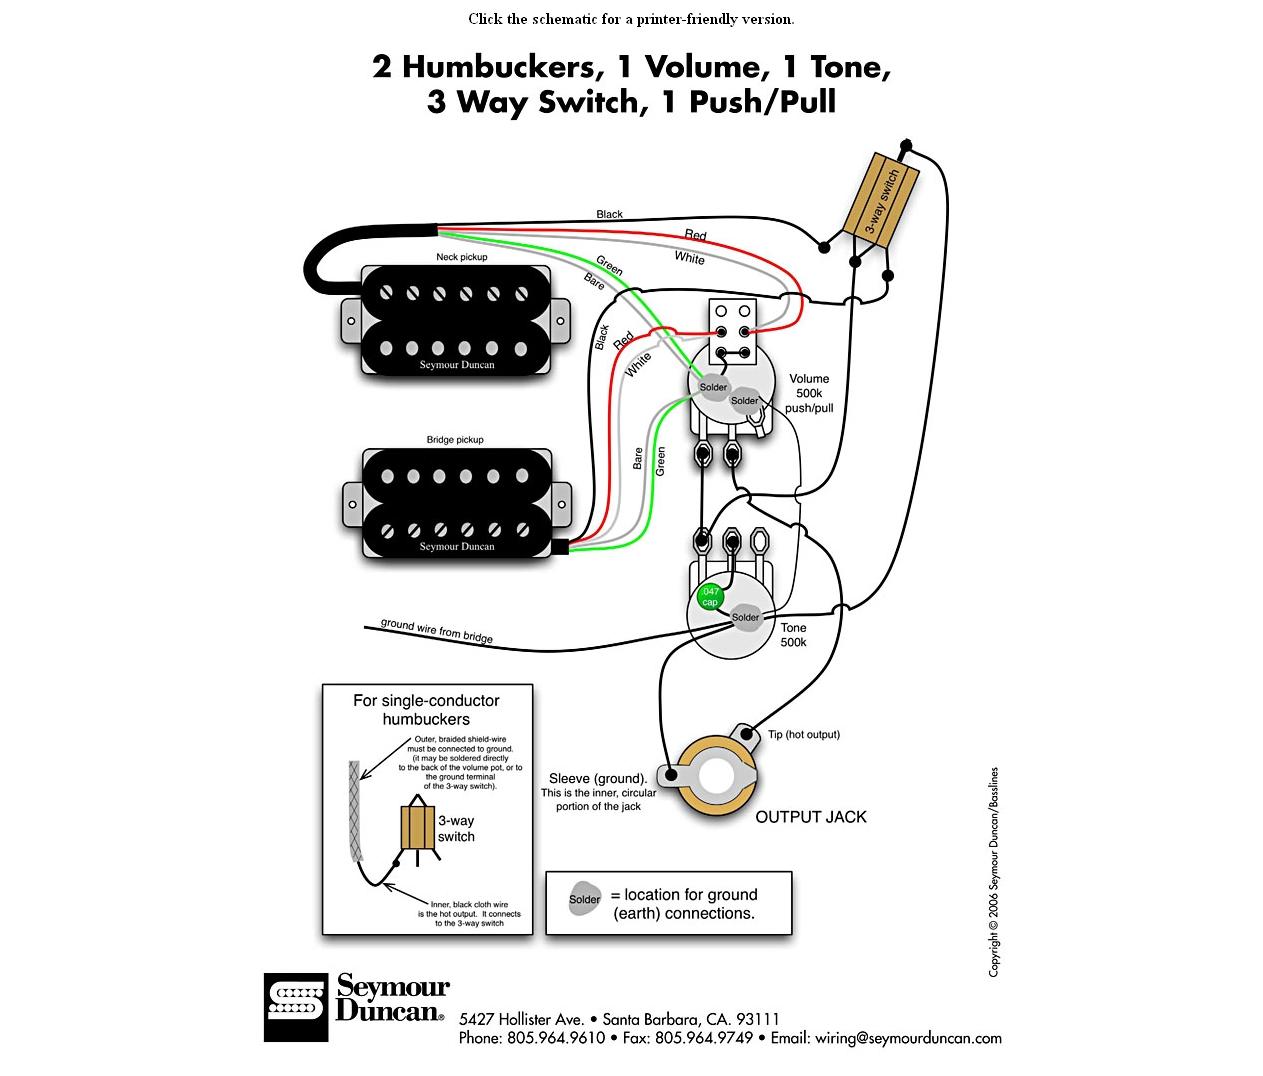 epiphone guitar wiring diagram vm 3907  wiring diagram 3 humbucker les paul wiring diagram p90  wiring diagram 3 humbucker les paul